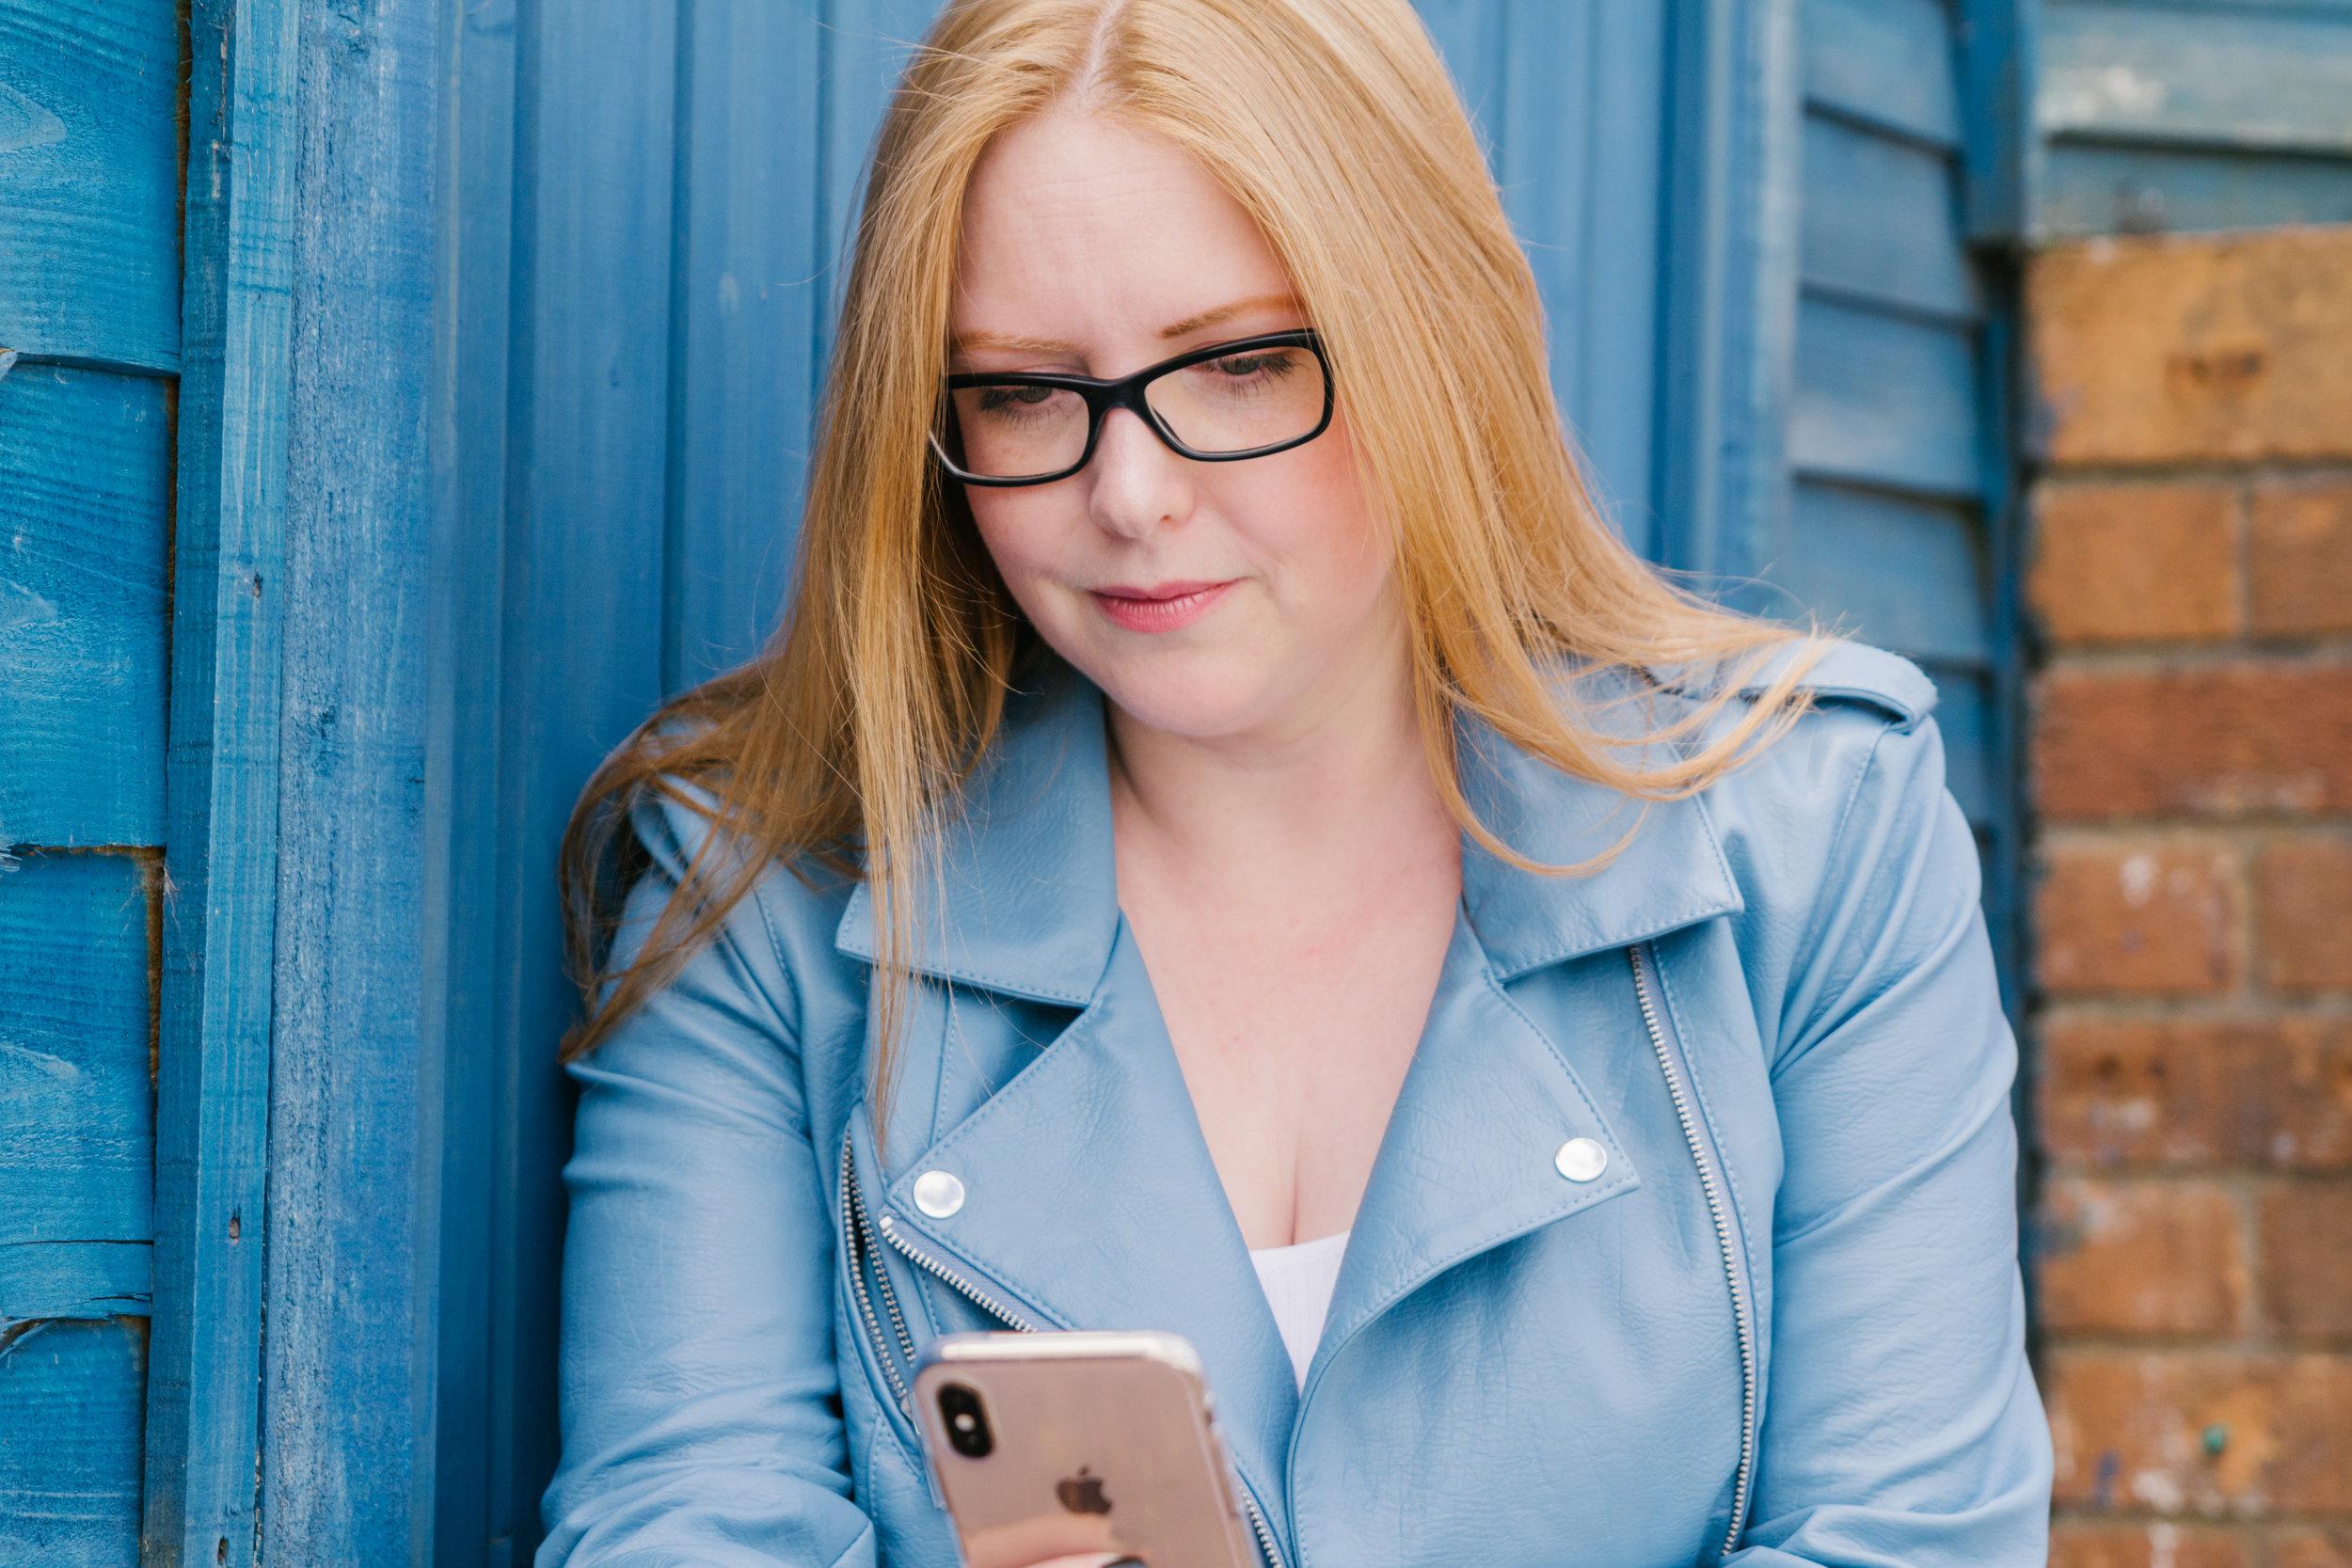 Looking at phone.jpg